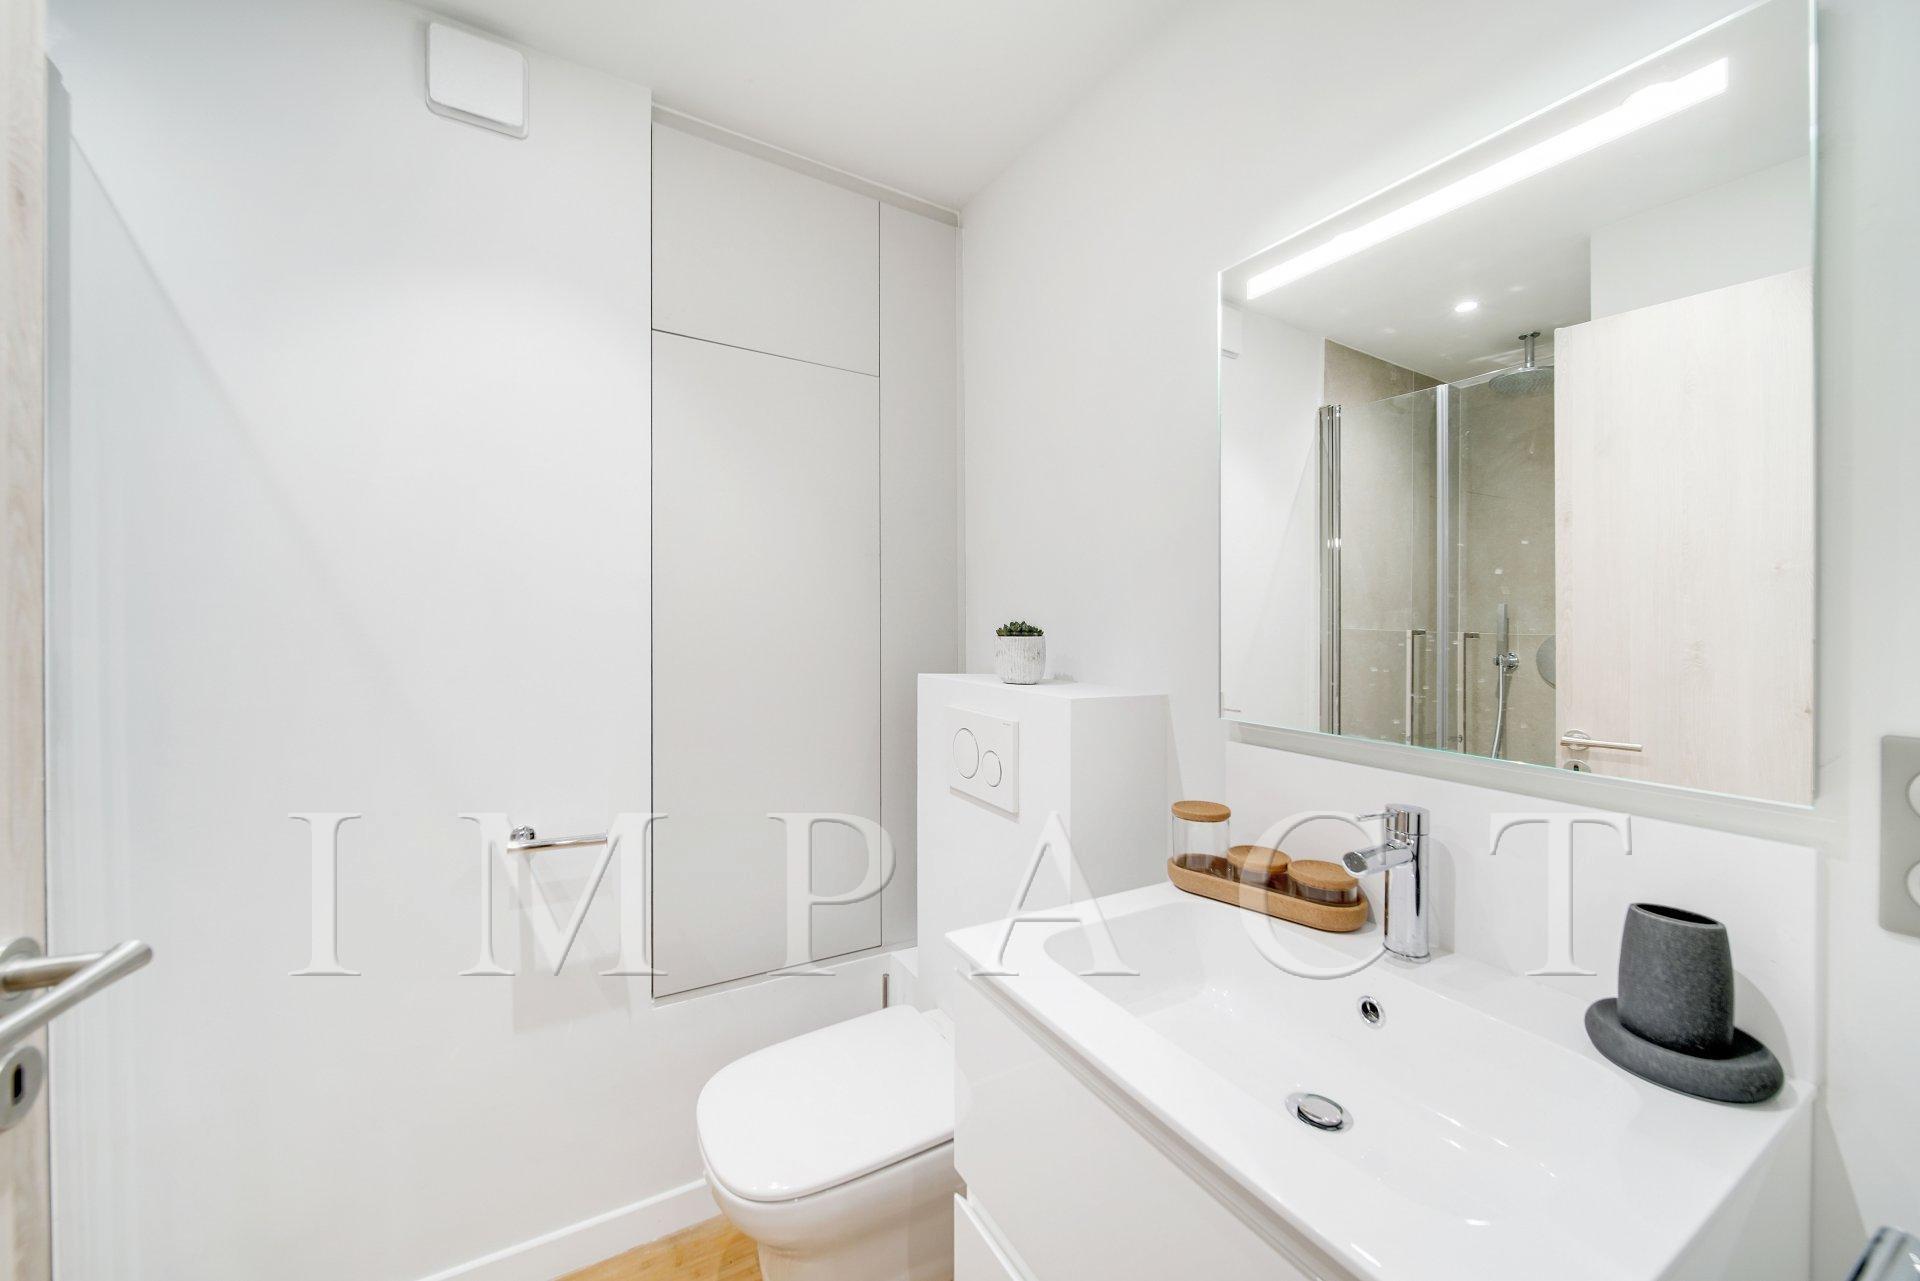 Location saisonnière - Appartement 1 chambre - Cannes Centre